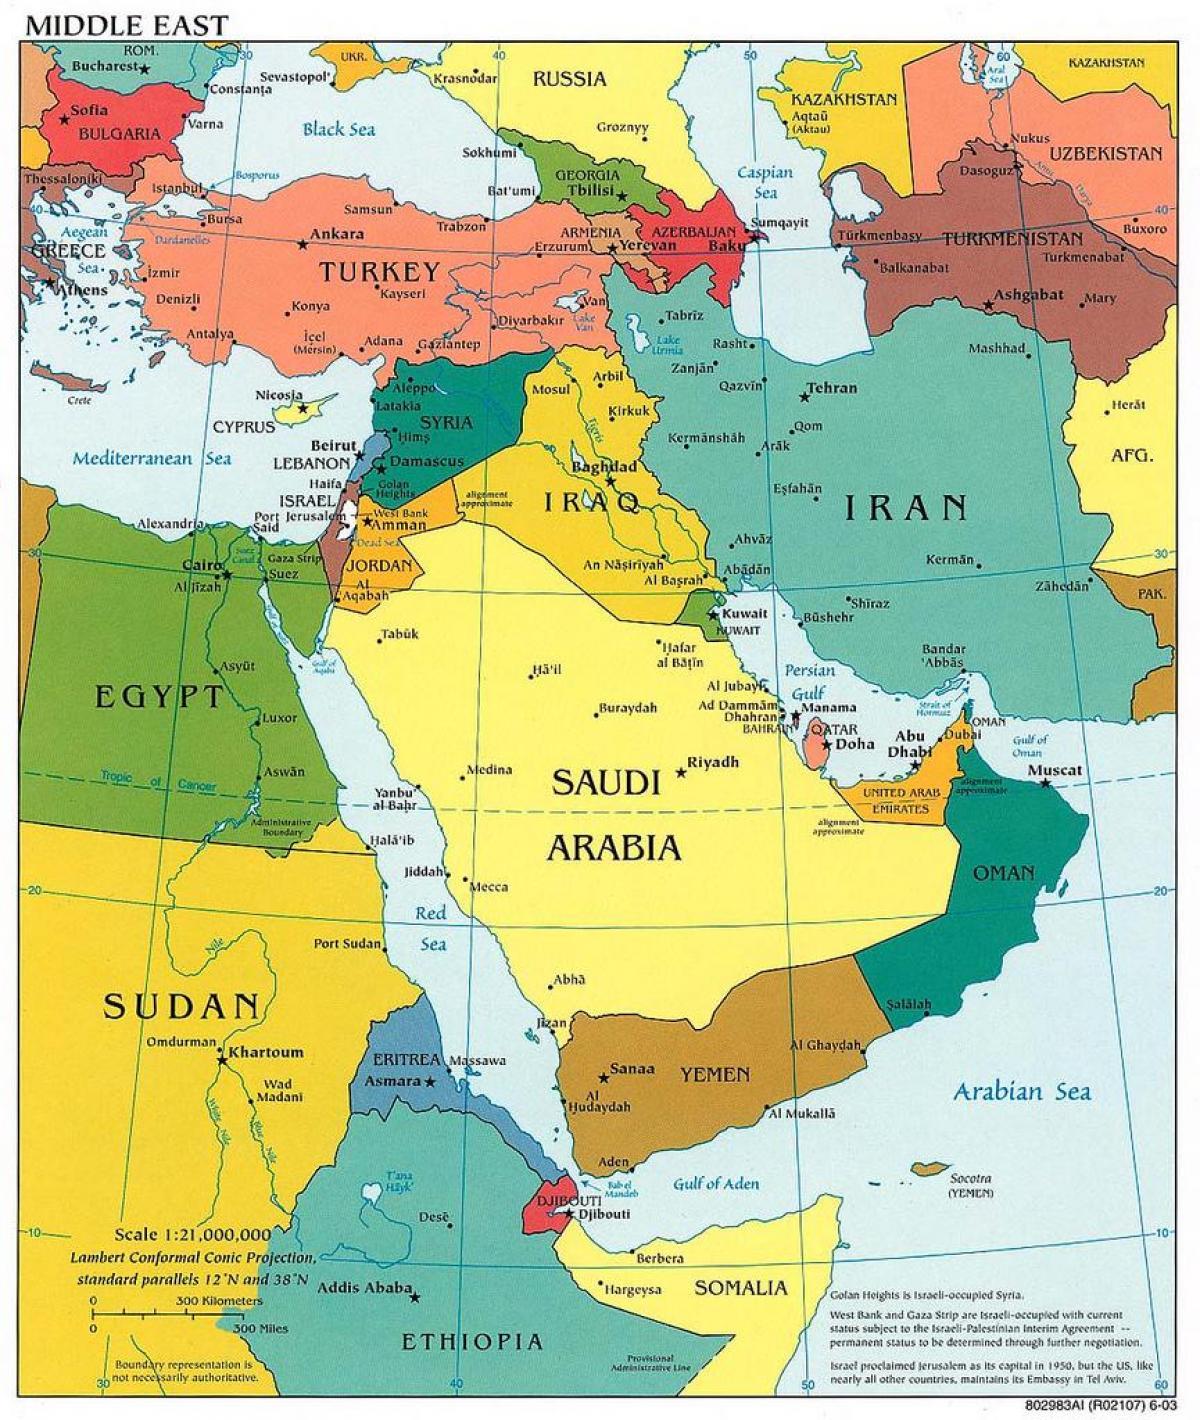 Nahost Karte.Jerusalem Middle East Map Middle East Karte Von Jerusalem Israel